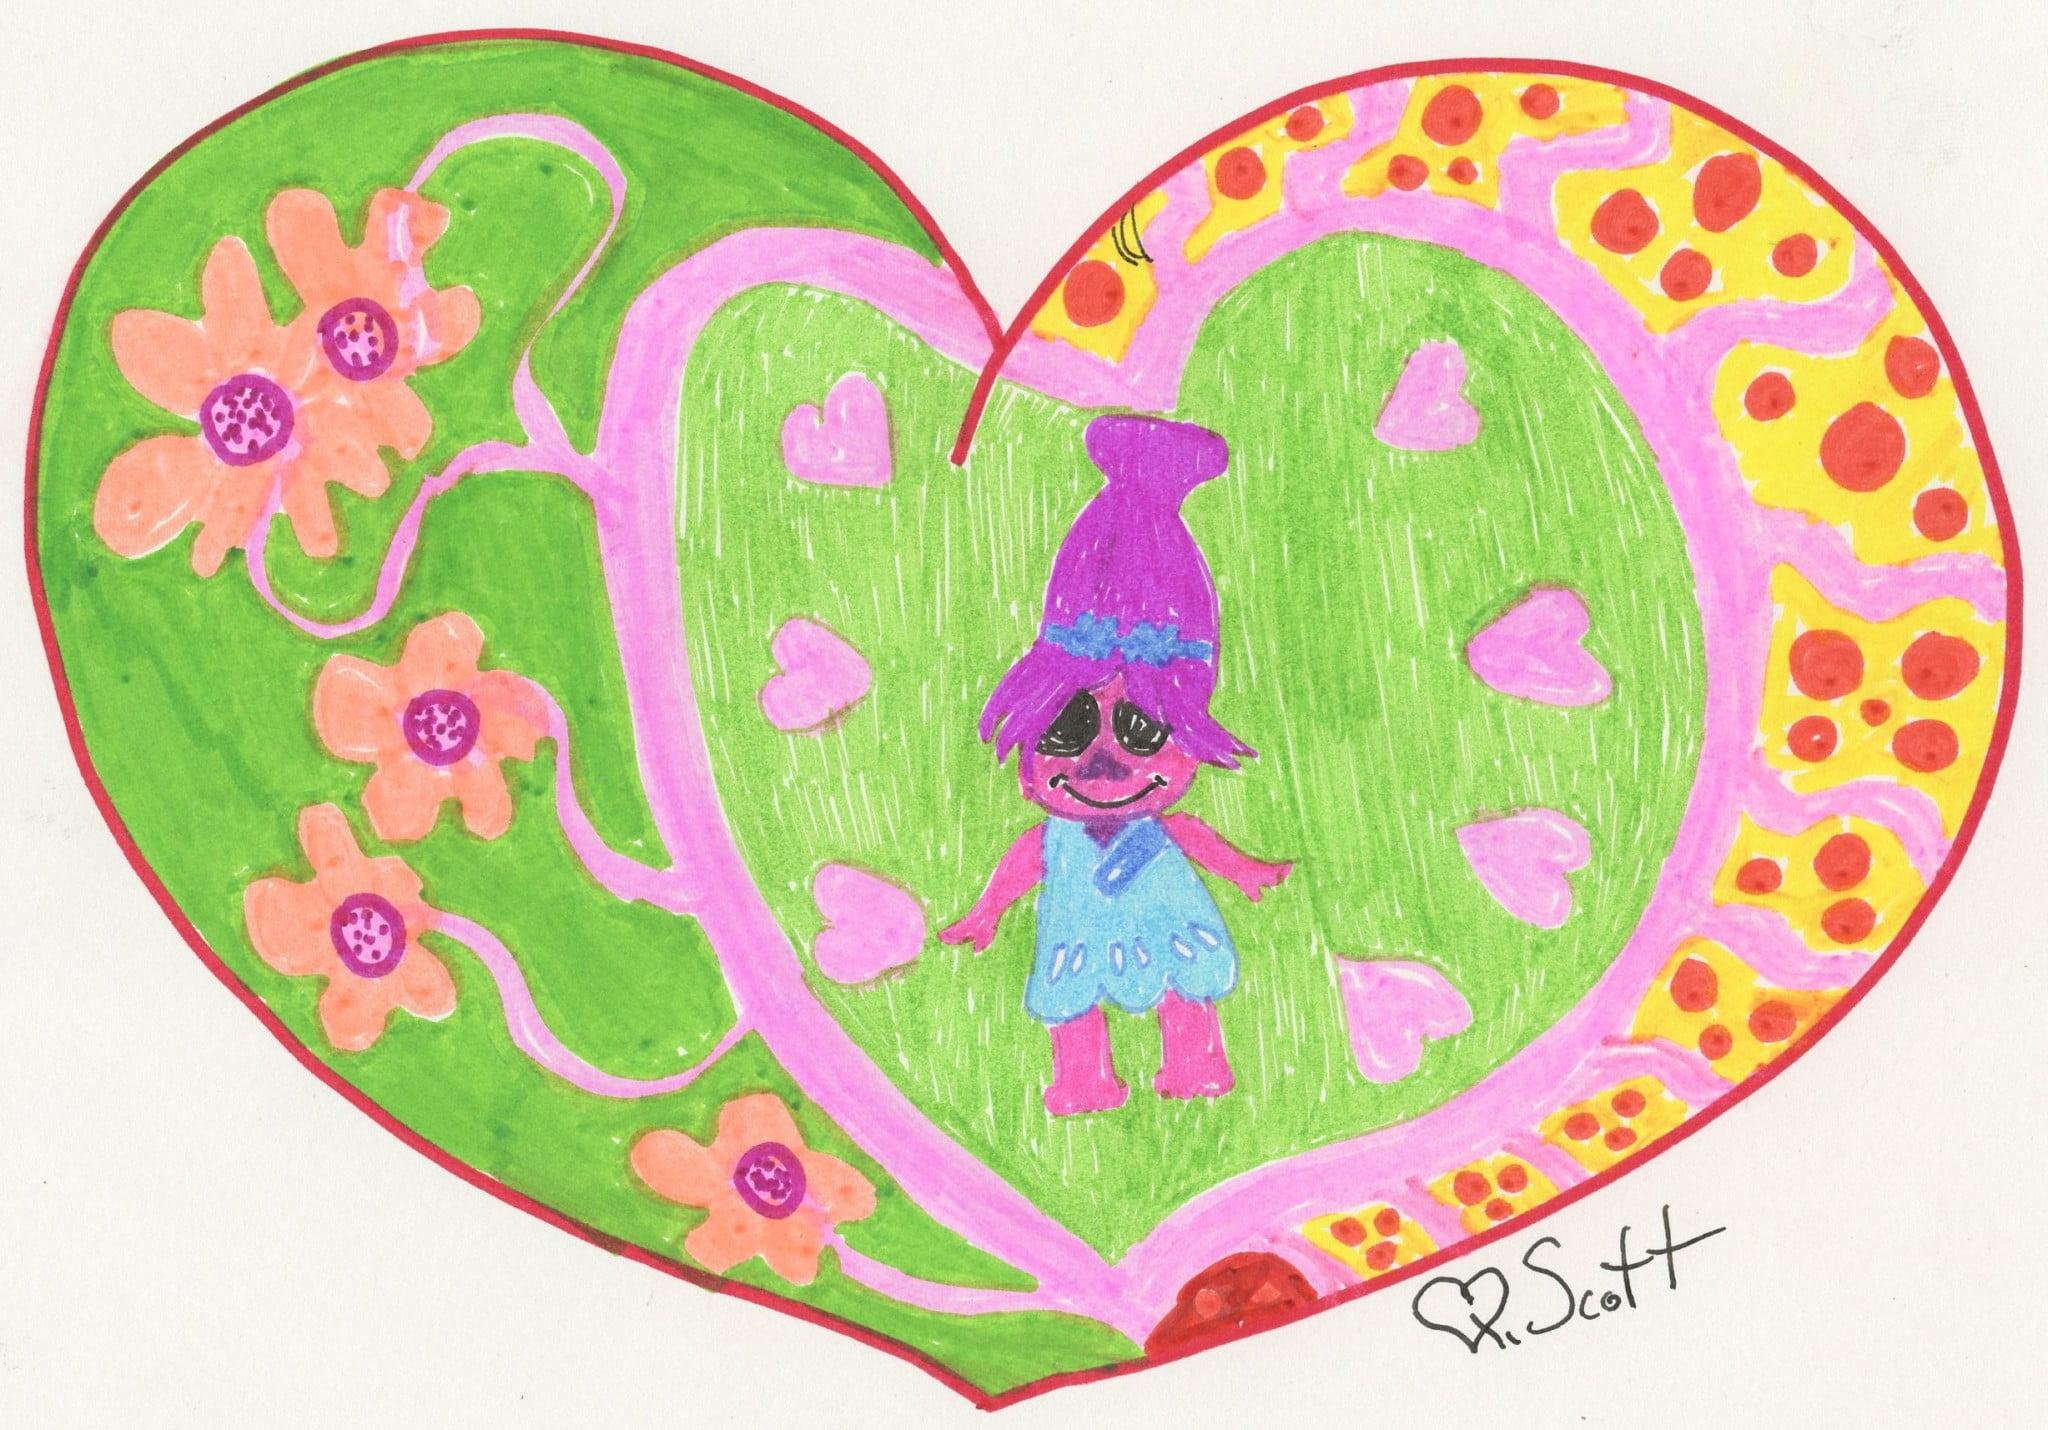 Heart, show love, love